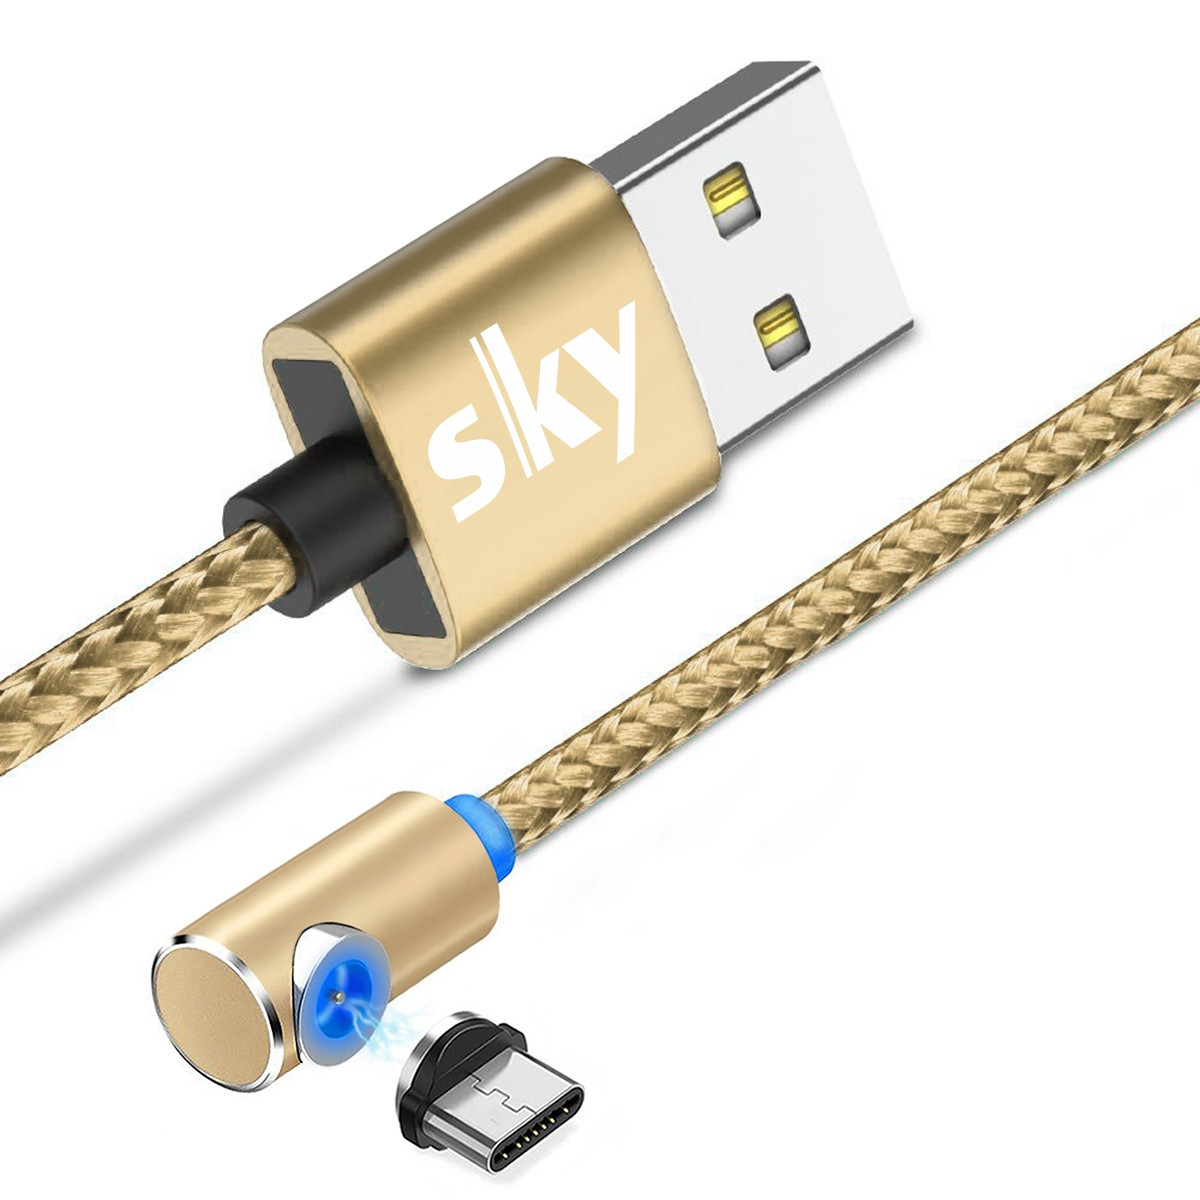 Магнітний кабель SKY type C (L) для заряджання (100 см) Gold